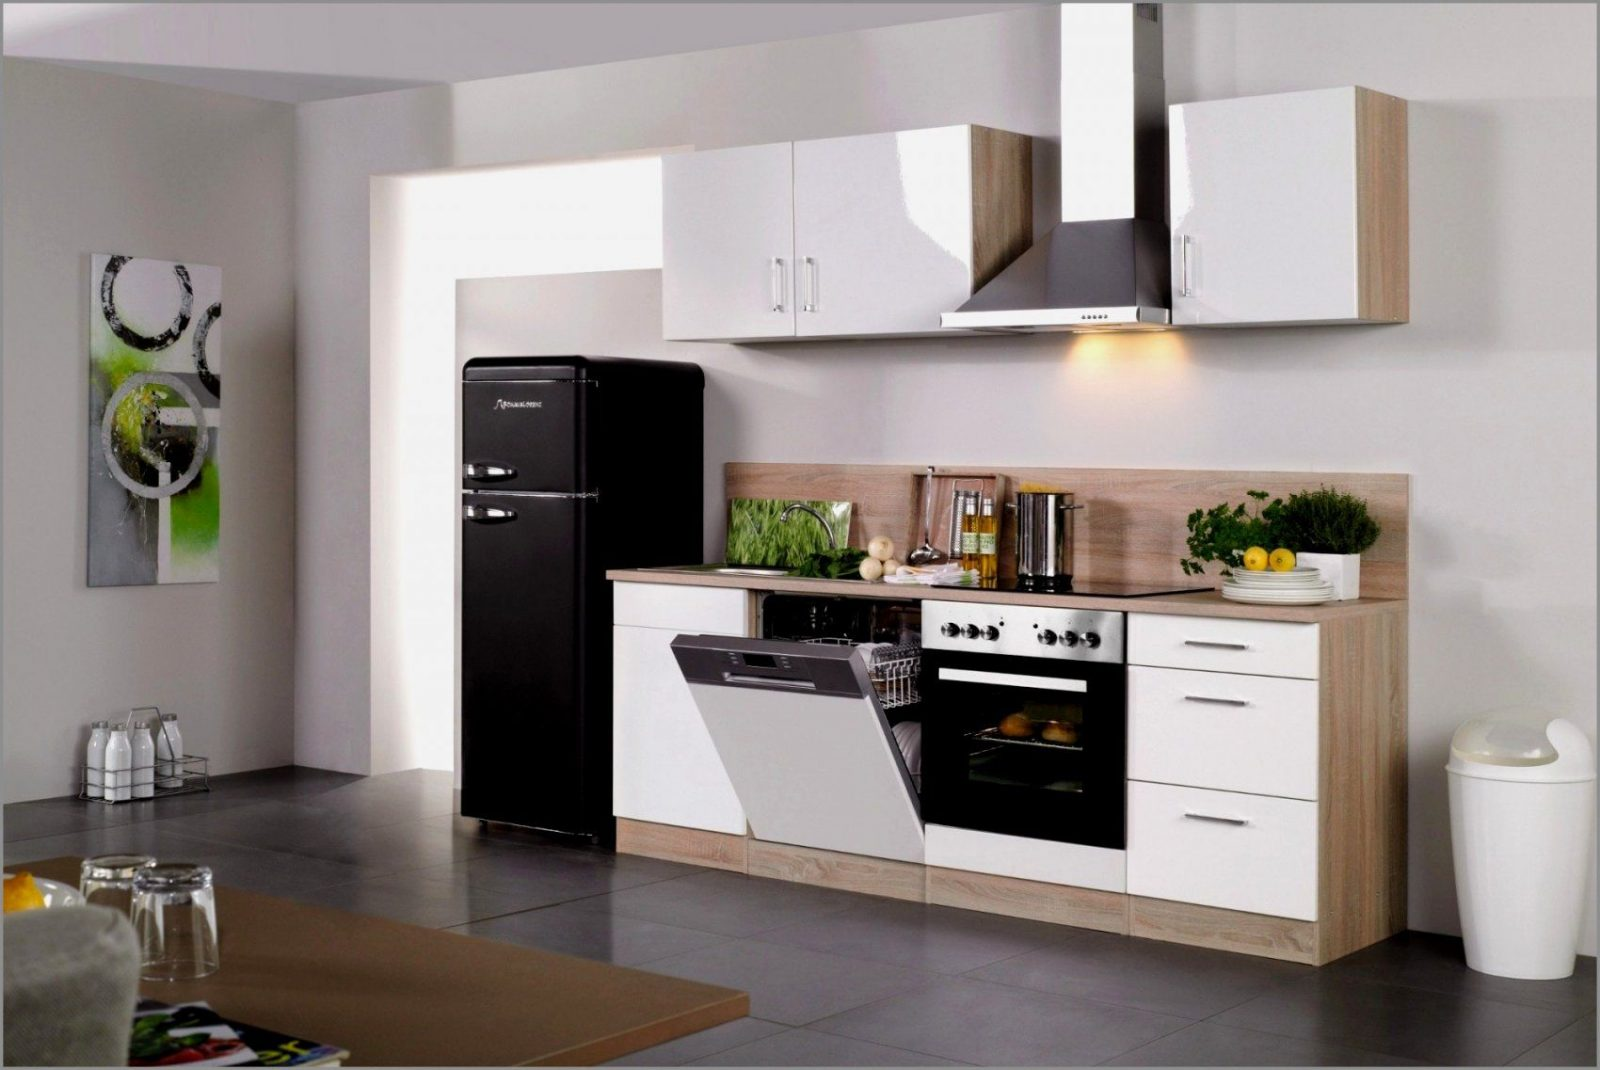 Küchenzeile Ohne Geröte Fresh Nett Gebrauchte Einbauküchen Mit von Küchenzeile Mit Elektrogeräten Ohne Kühlschrank Photo